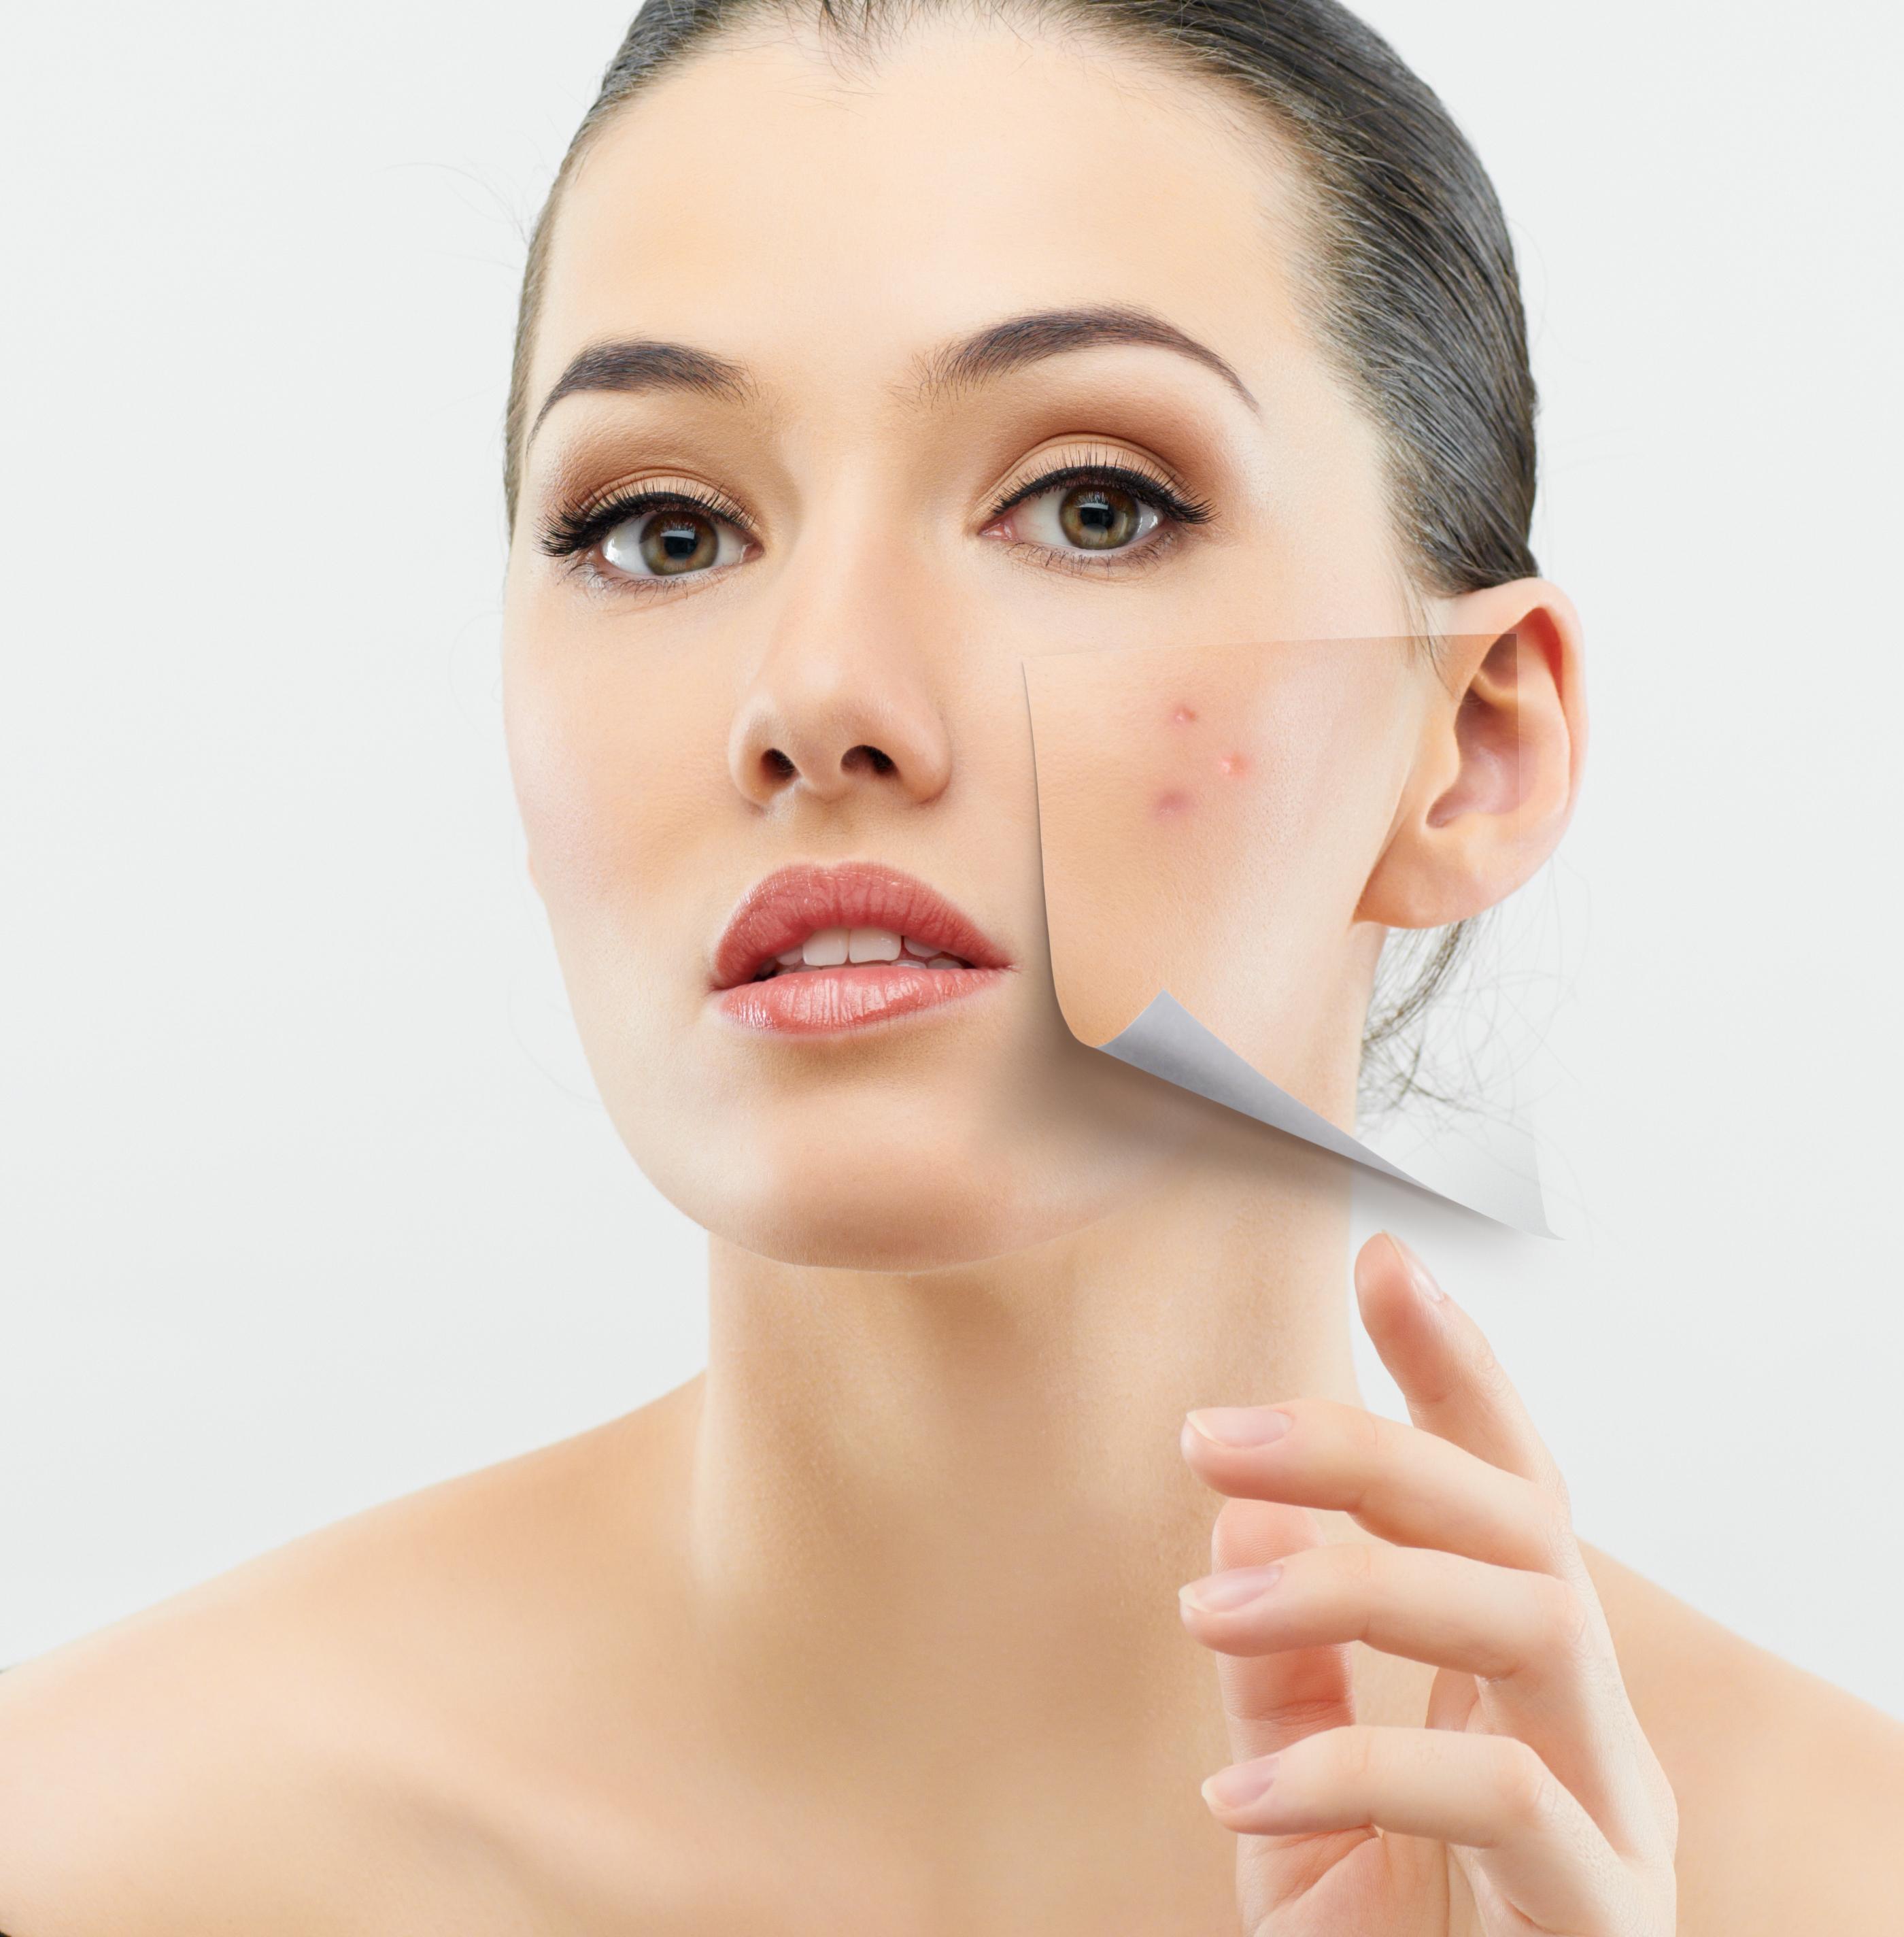 Лечение жирной кожи в домашних условиях